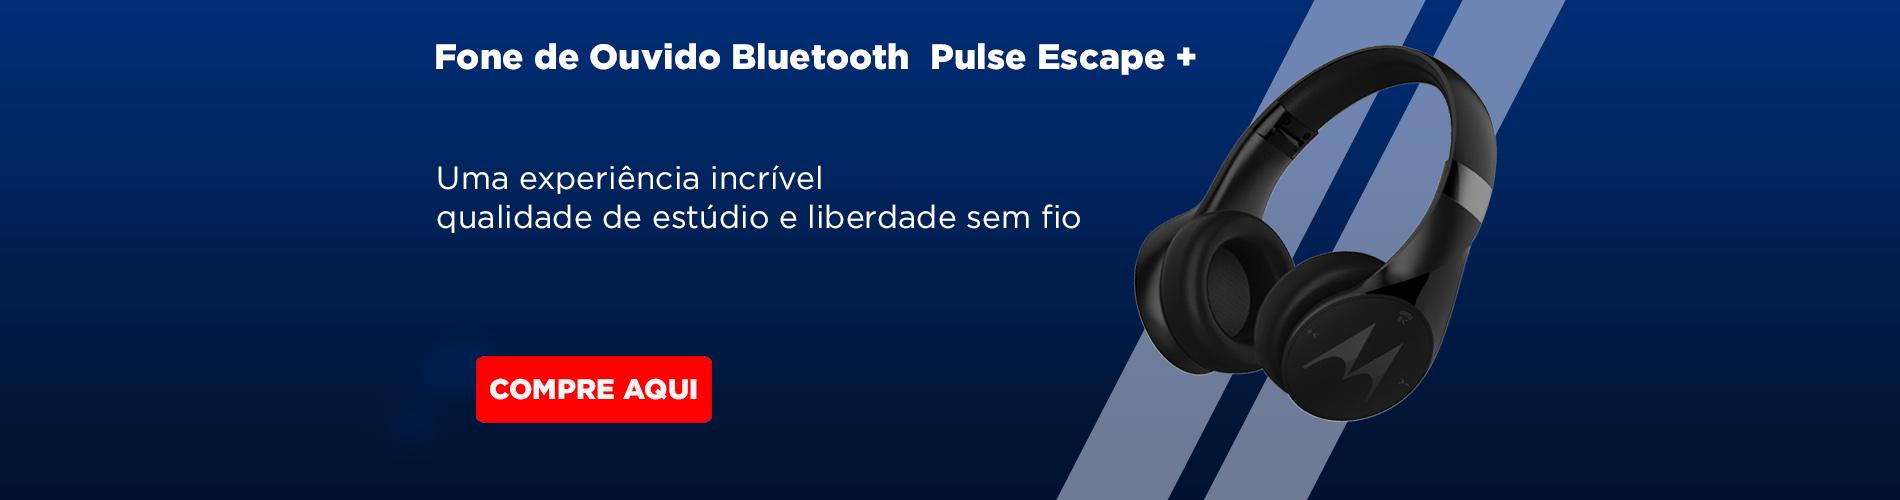 PULSE ESCAPE +